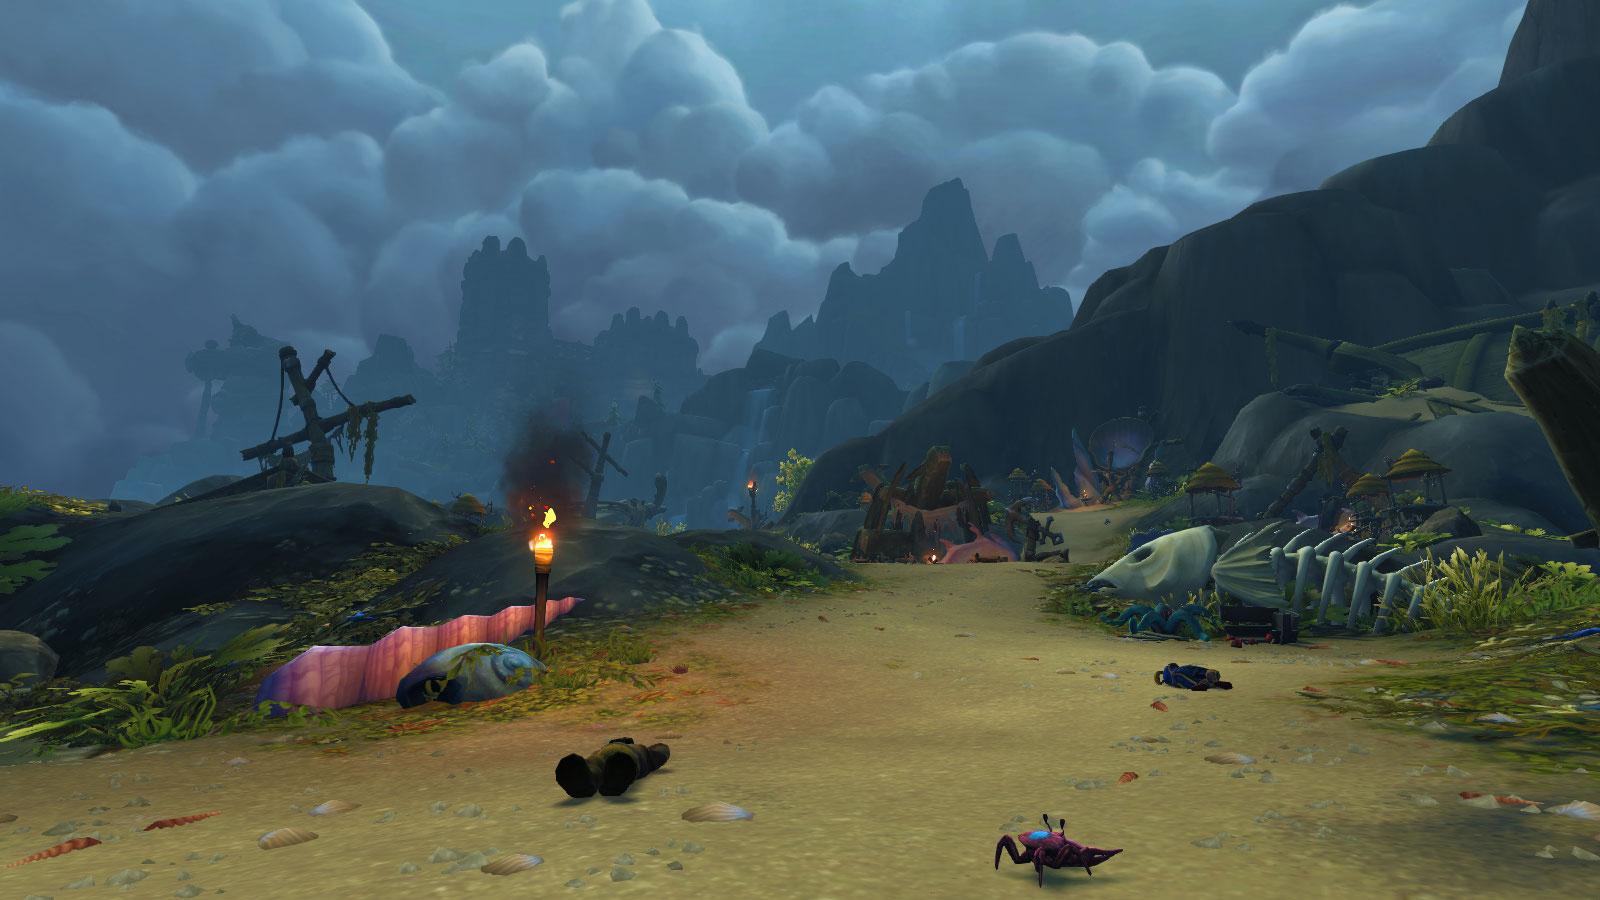 Votre aventure vous mène sur cette petite île pleine de mystère, les Confins de l'Exil